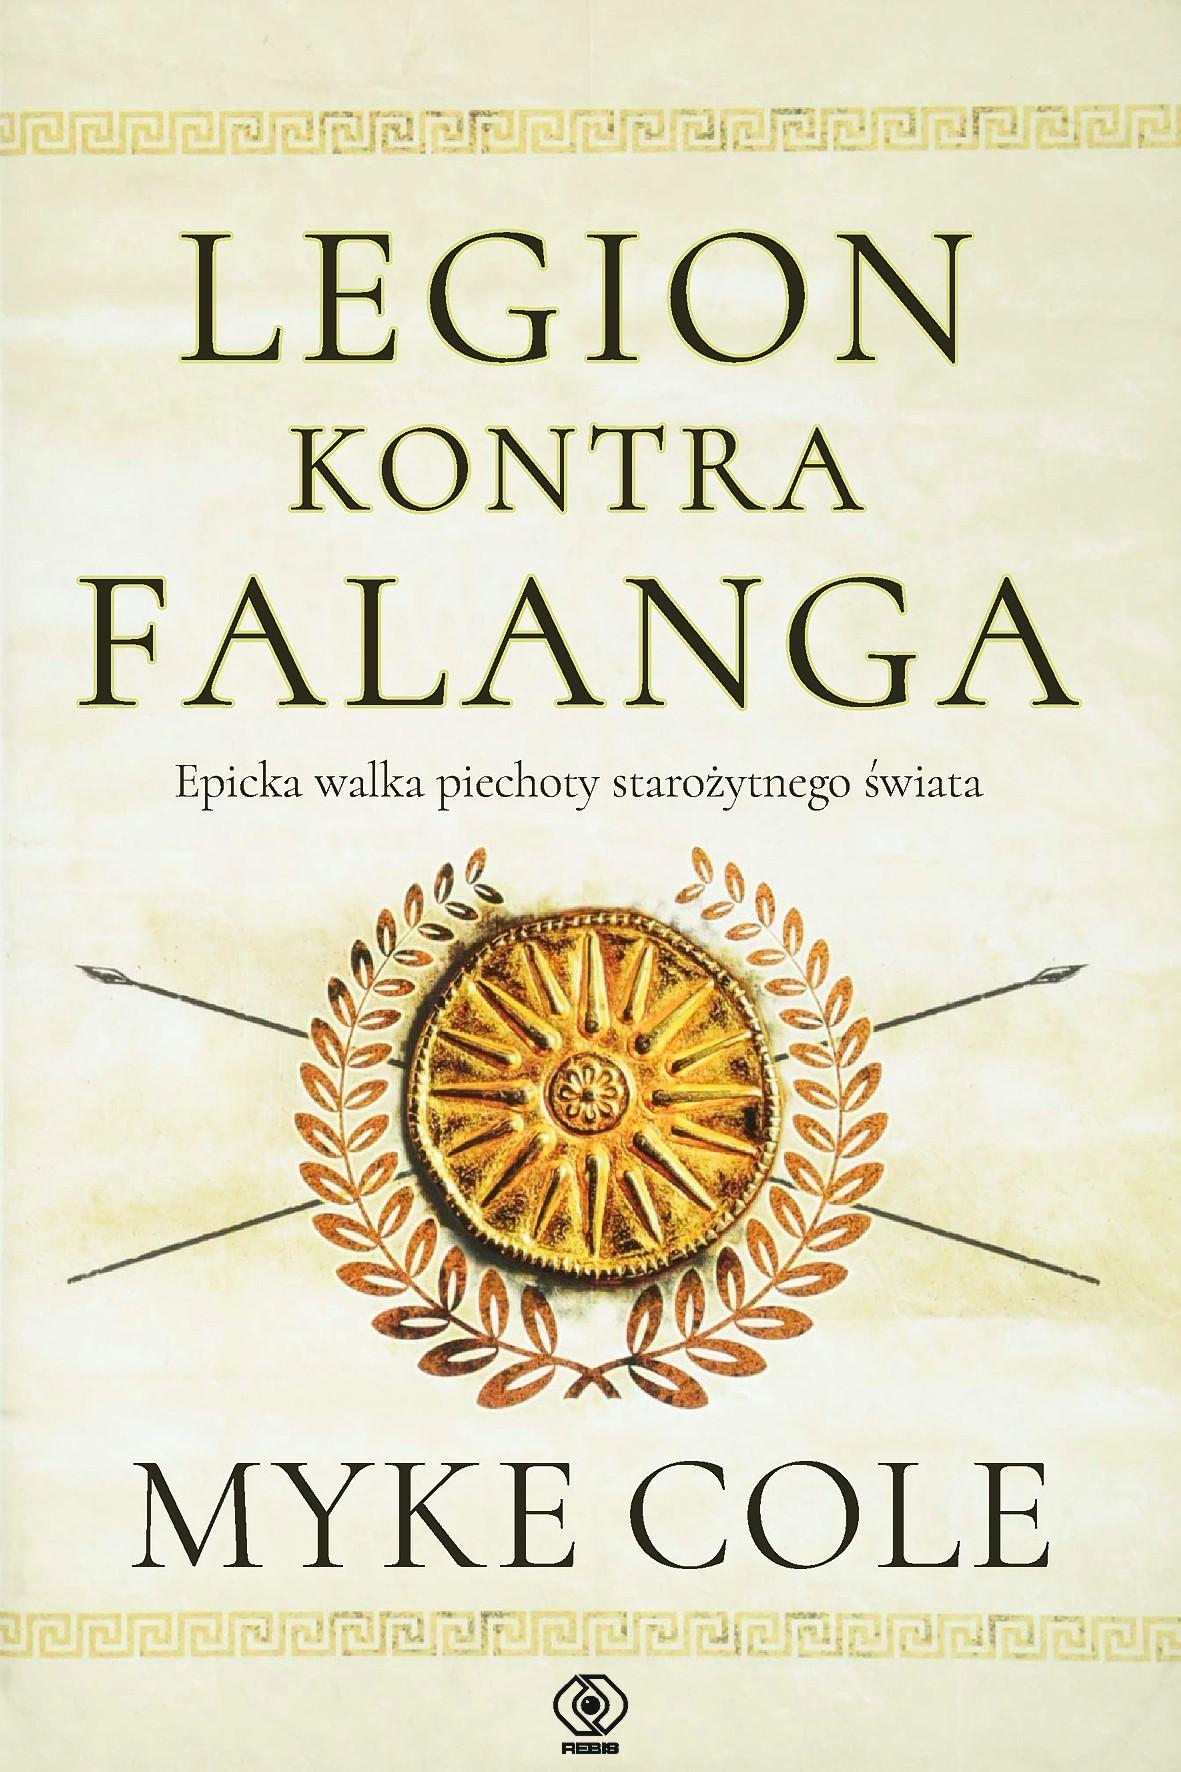 Legion kontra falanga. Epicka walka piechoty starożytnego świata